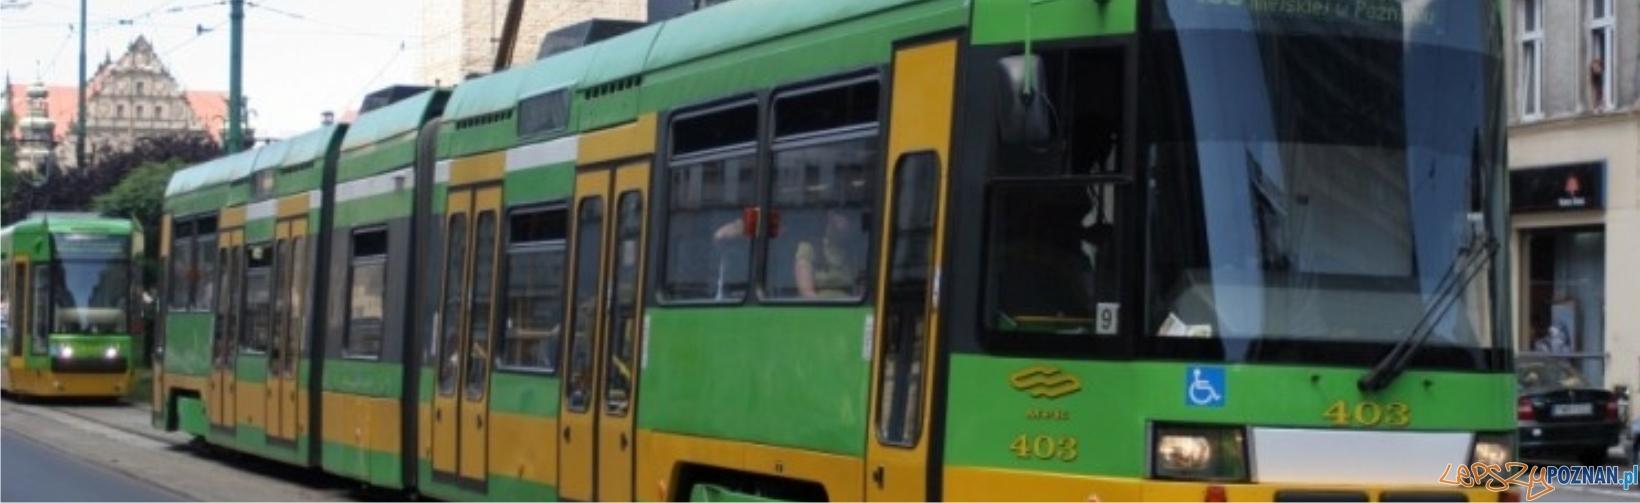 tramwaj panorama  Foto: lepszyPOZNAN